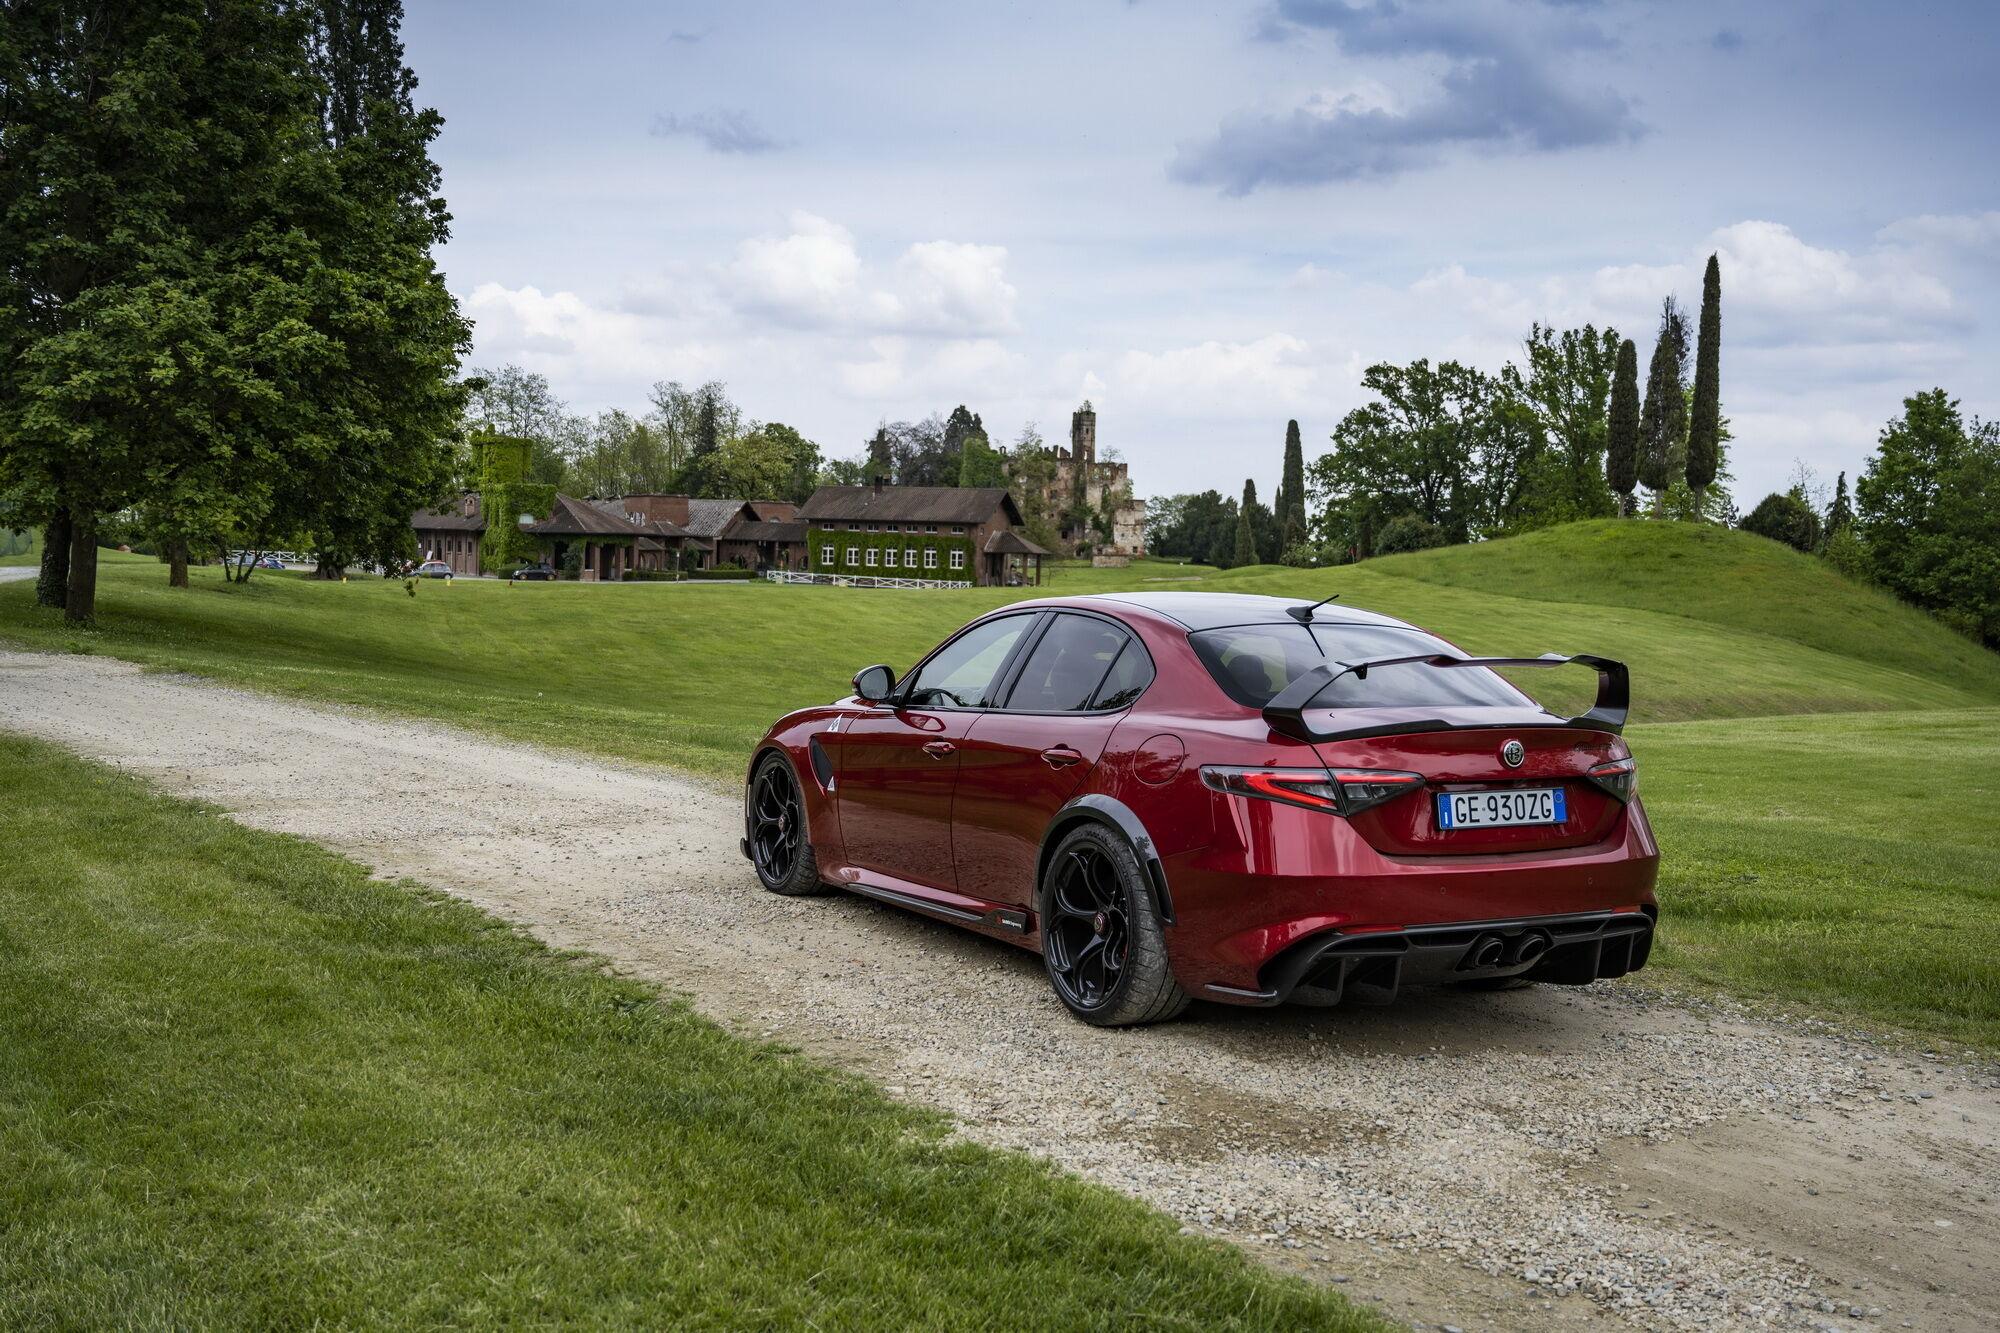 Версия Giulia GTAm обойдется минимум в 180 тысяч евро